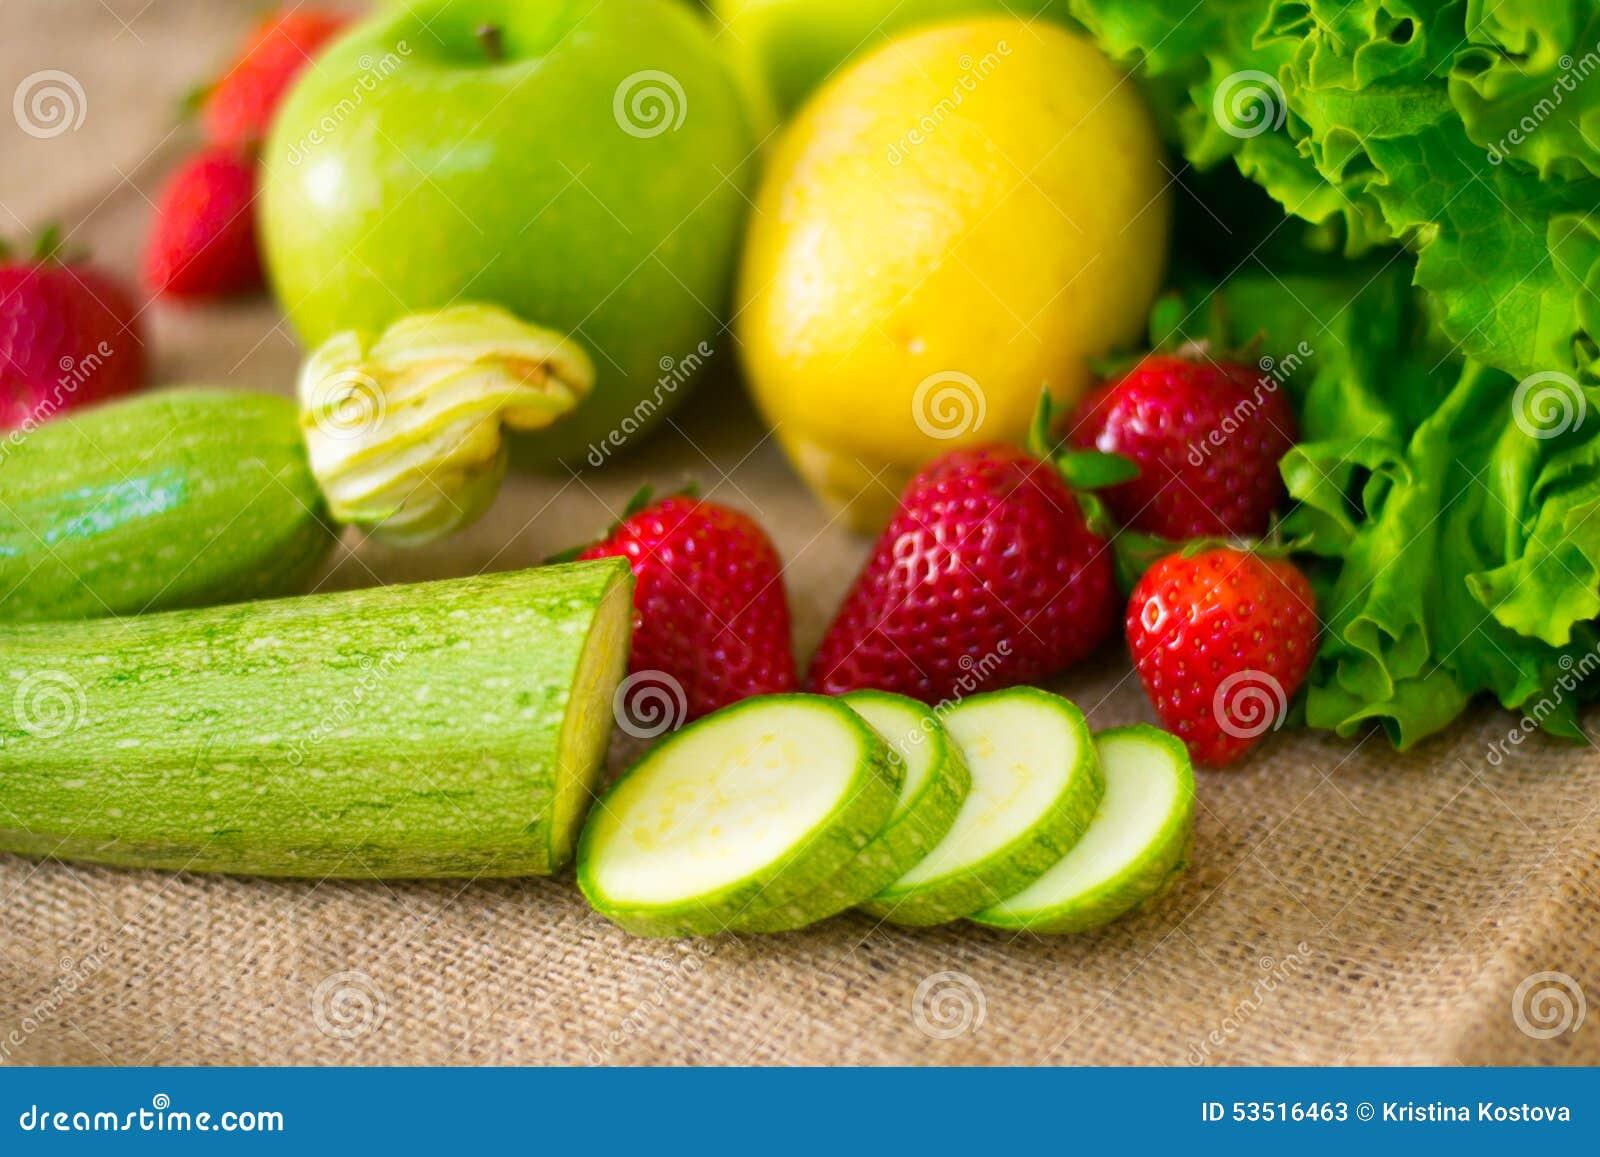 Fruto detalhado fresco - morangos, courgettes, limão, maçã e salada verde